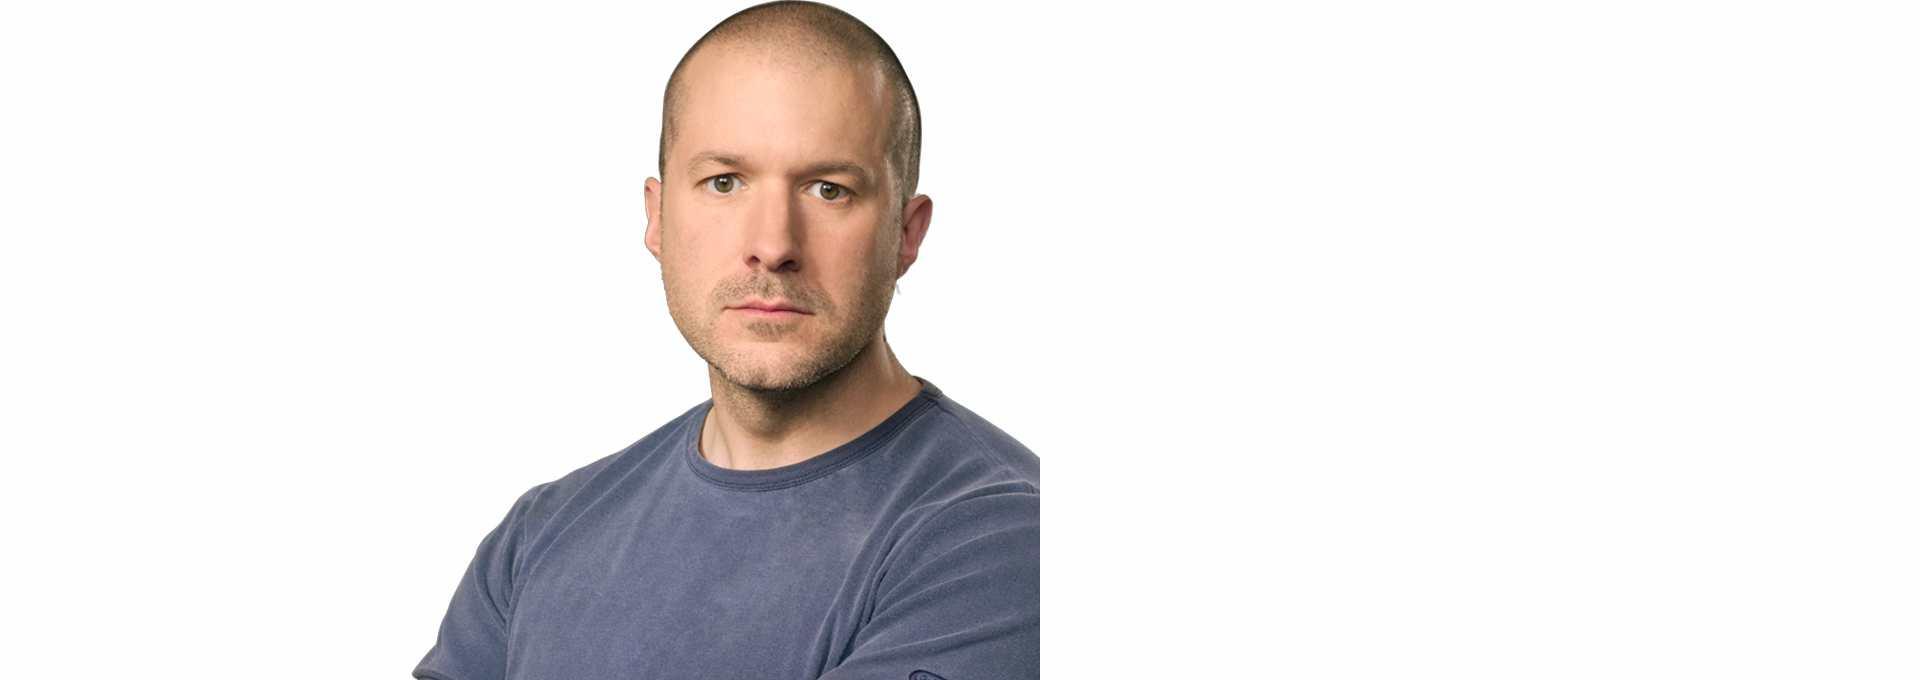 Le processus de design et la philosophie d'Apple selon Jonathan Ive